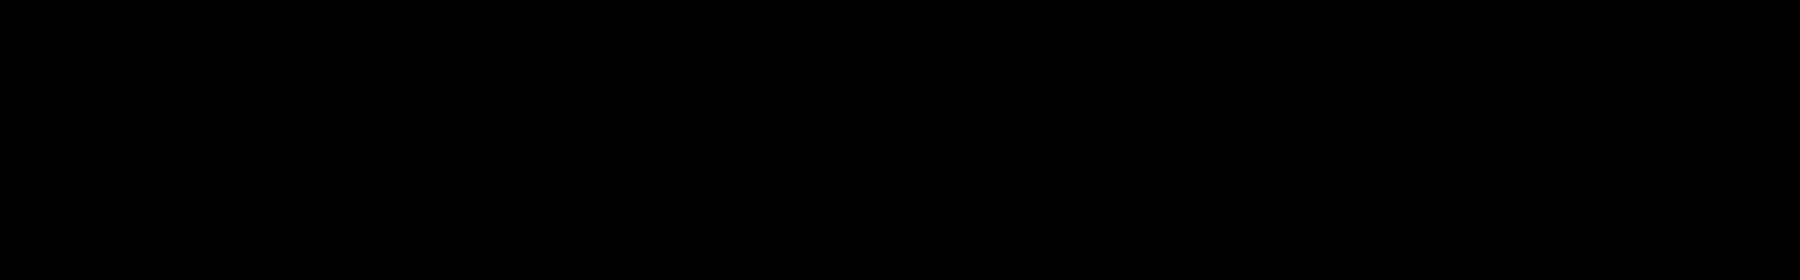 Kunundrum 3 audio waveform